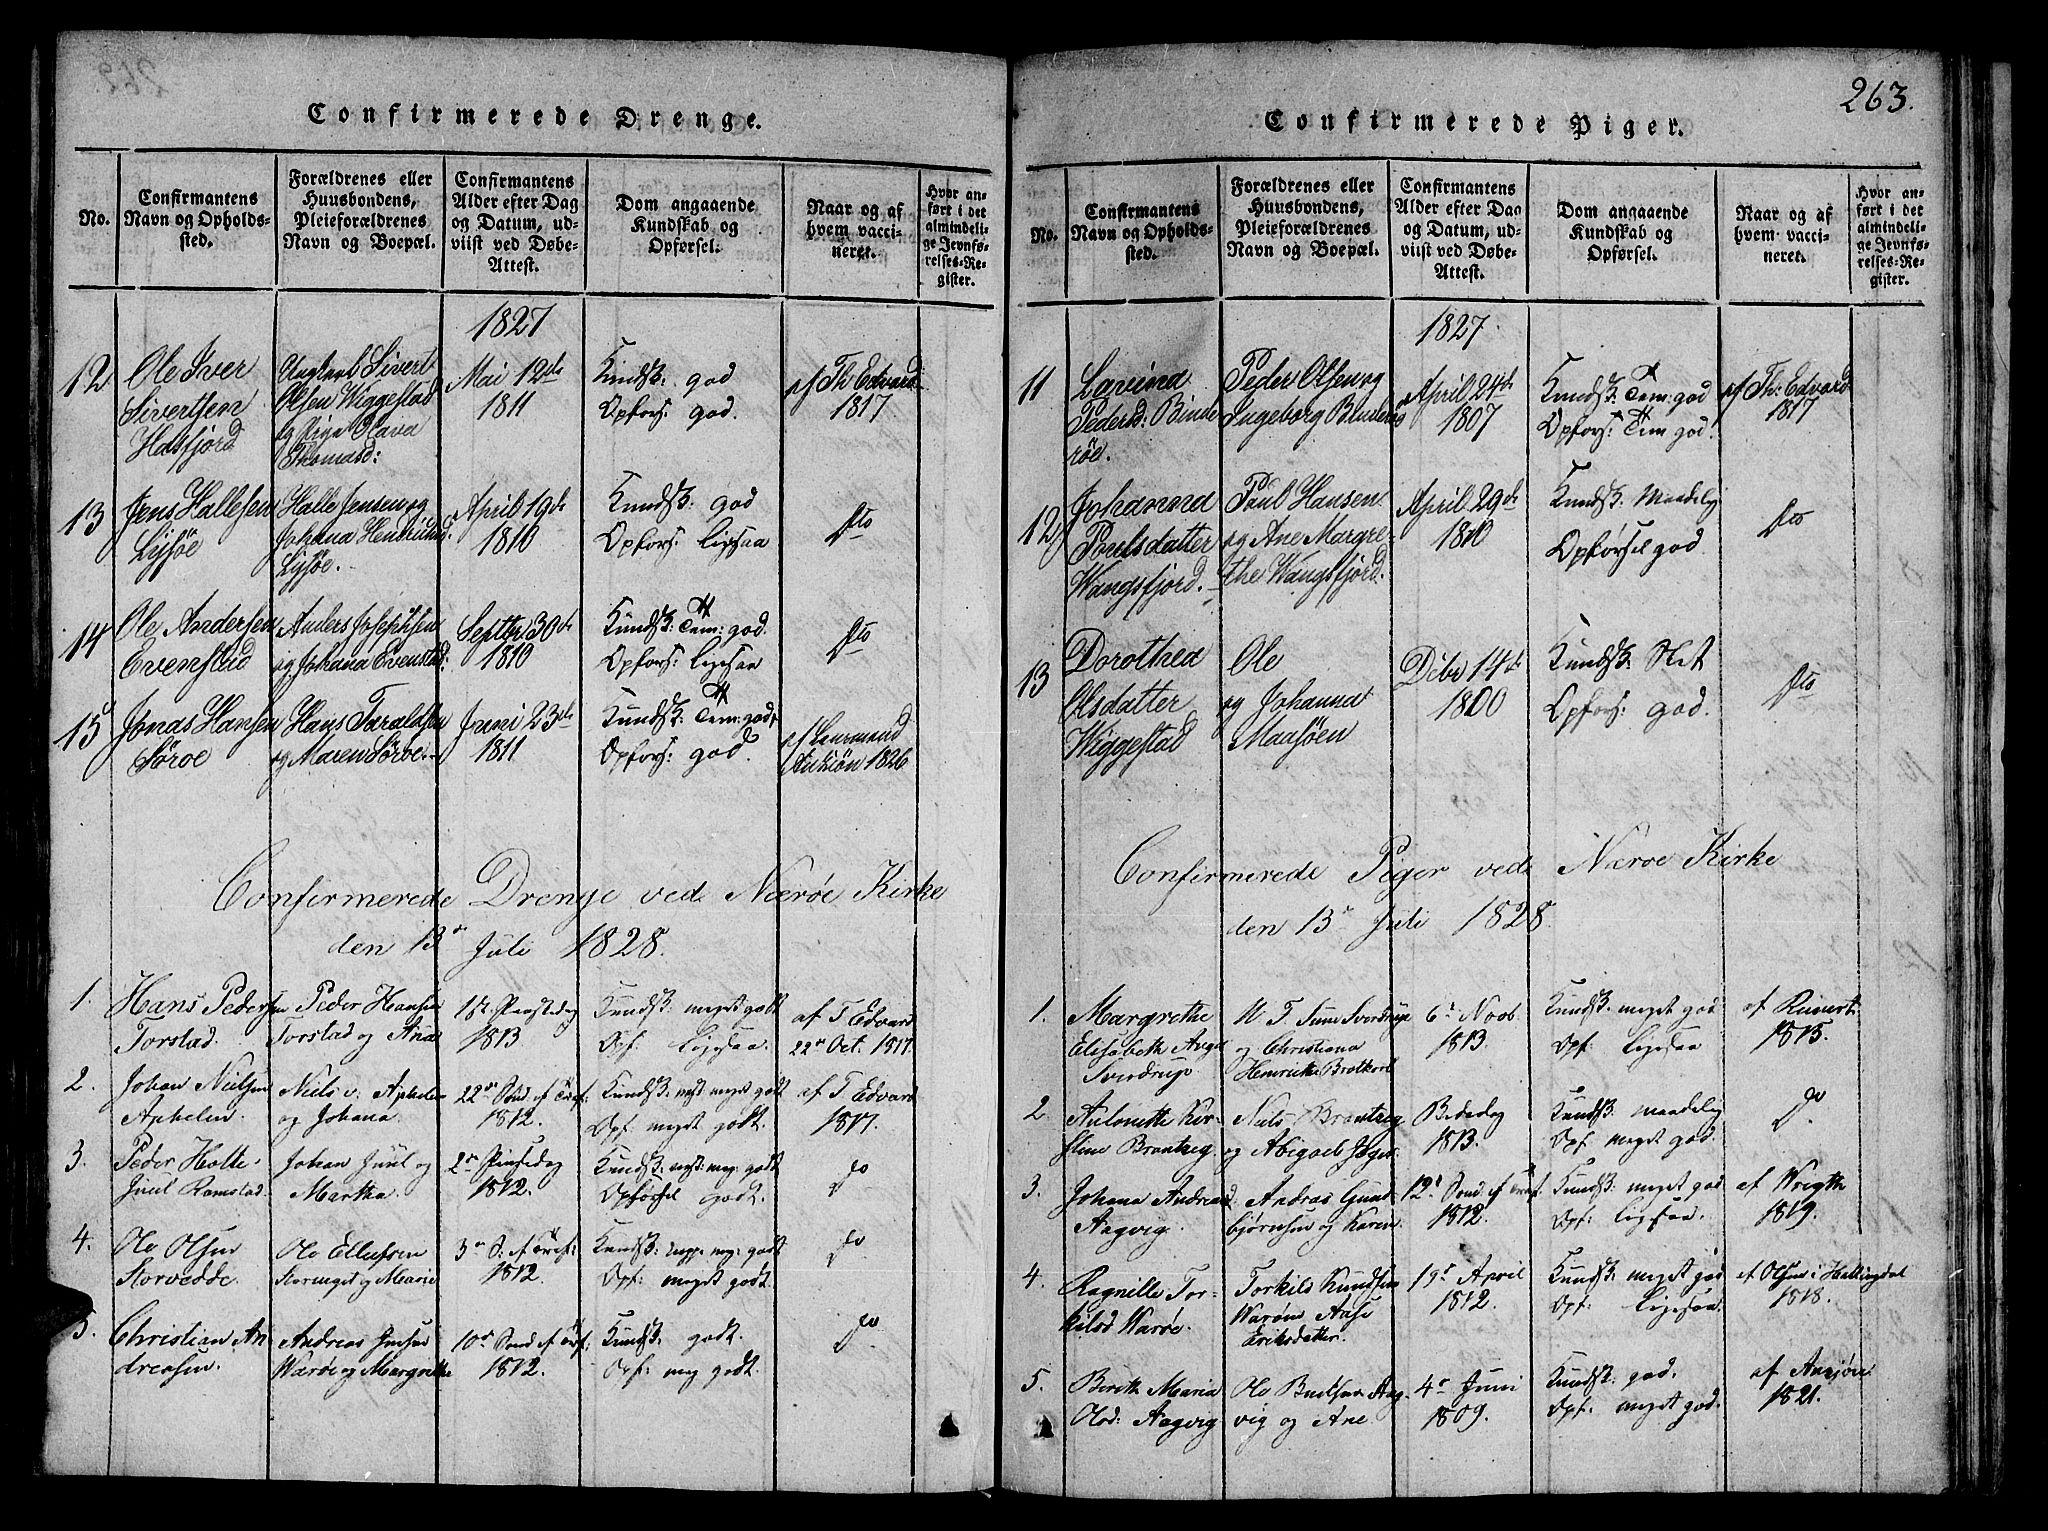 SAT, Ministerialprotokoller, klokkerbøker og fødselsregistre - Nord-Trøndelag, 784/L0667: Ministerialbok nr. 784A03 /1, 1816-1829, s. 263